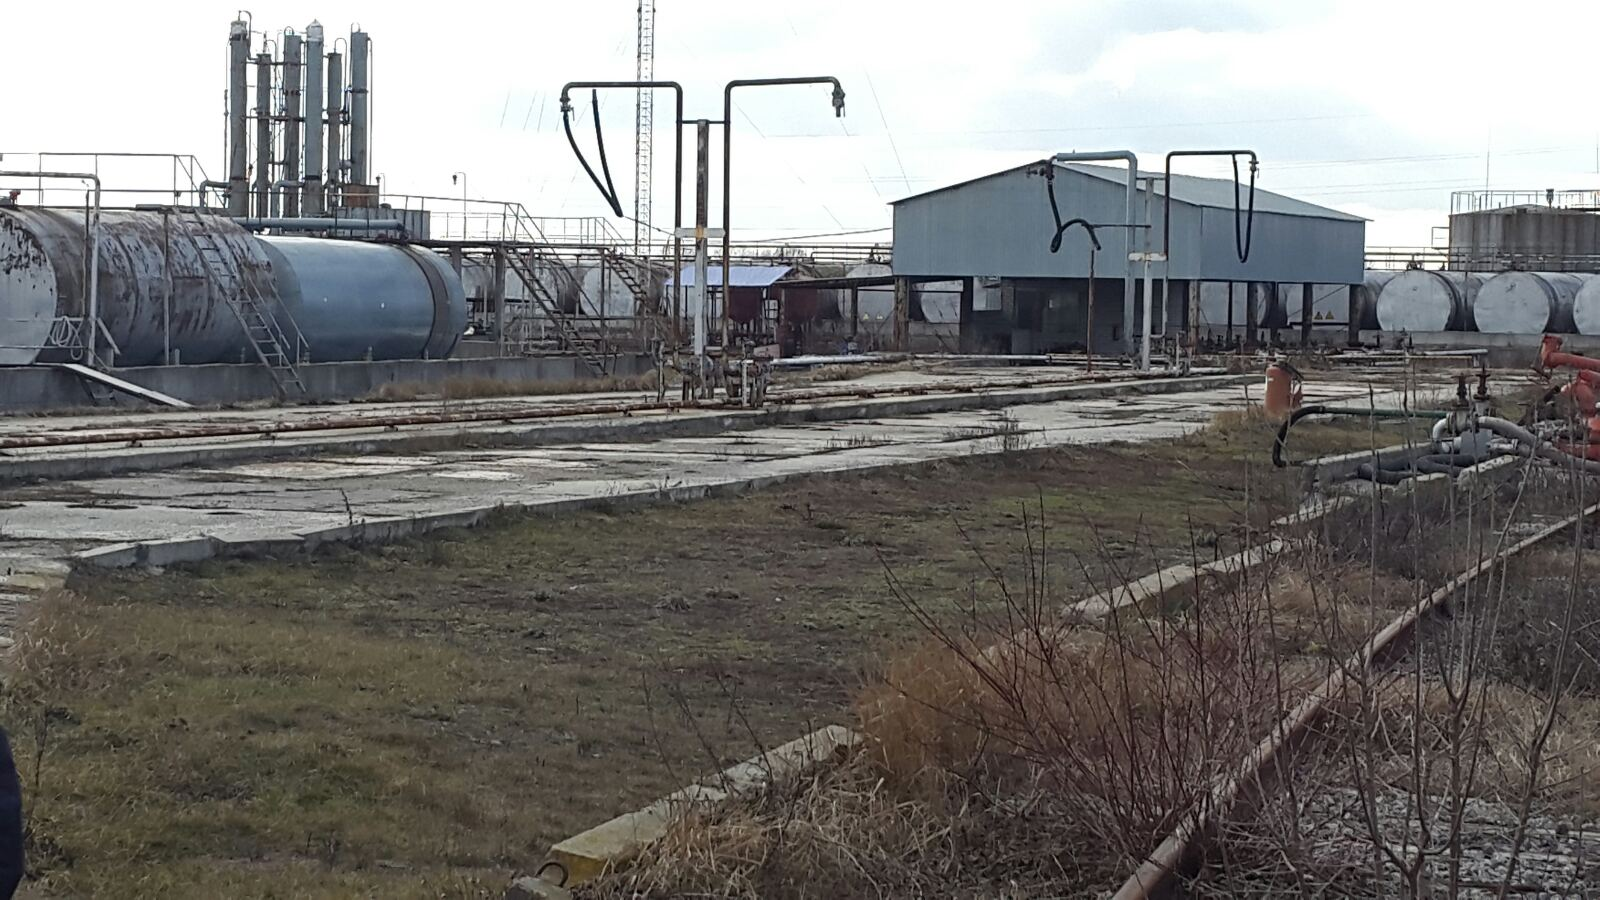 Продажа нефтеперерабатывающего завода с нефтибазой